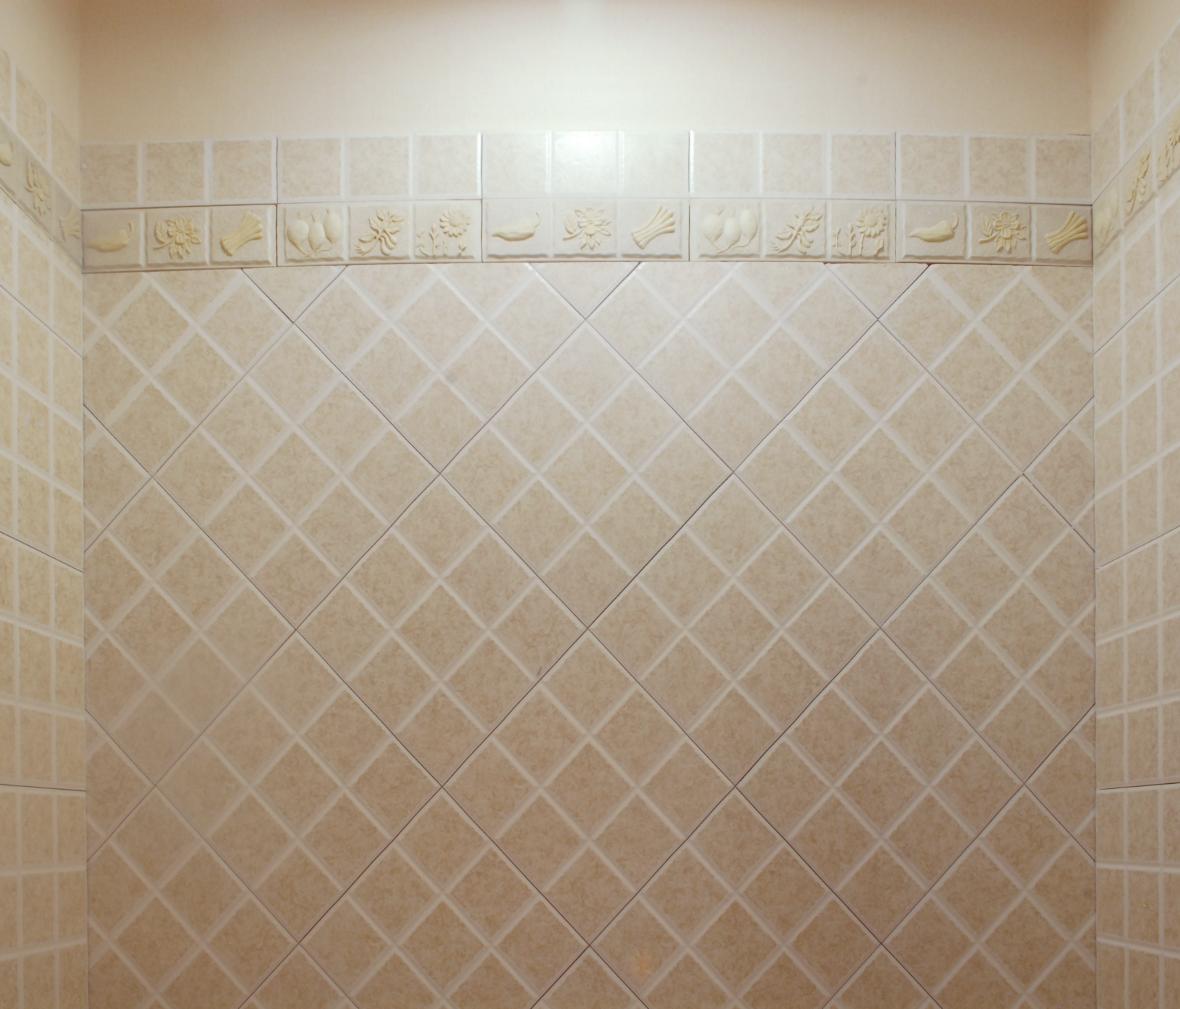 浴室墙砖贴图素材